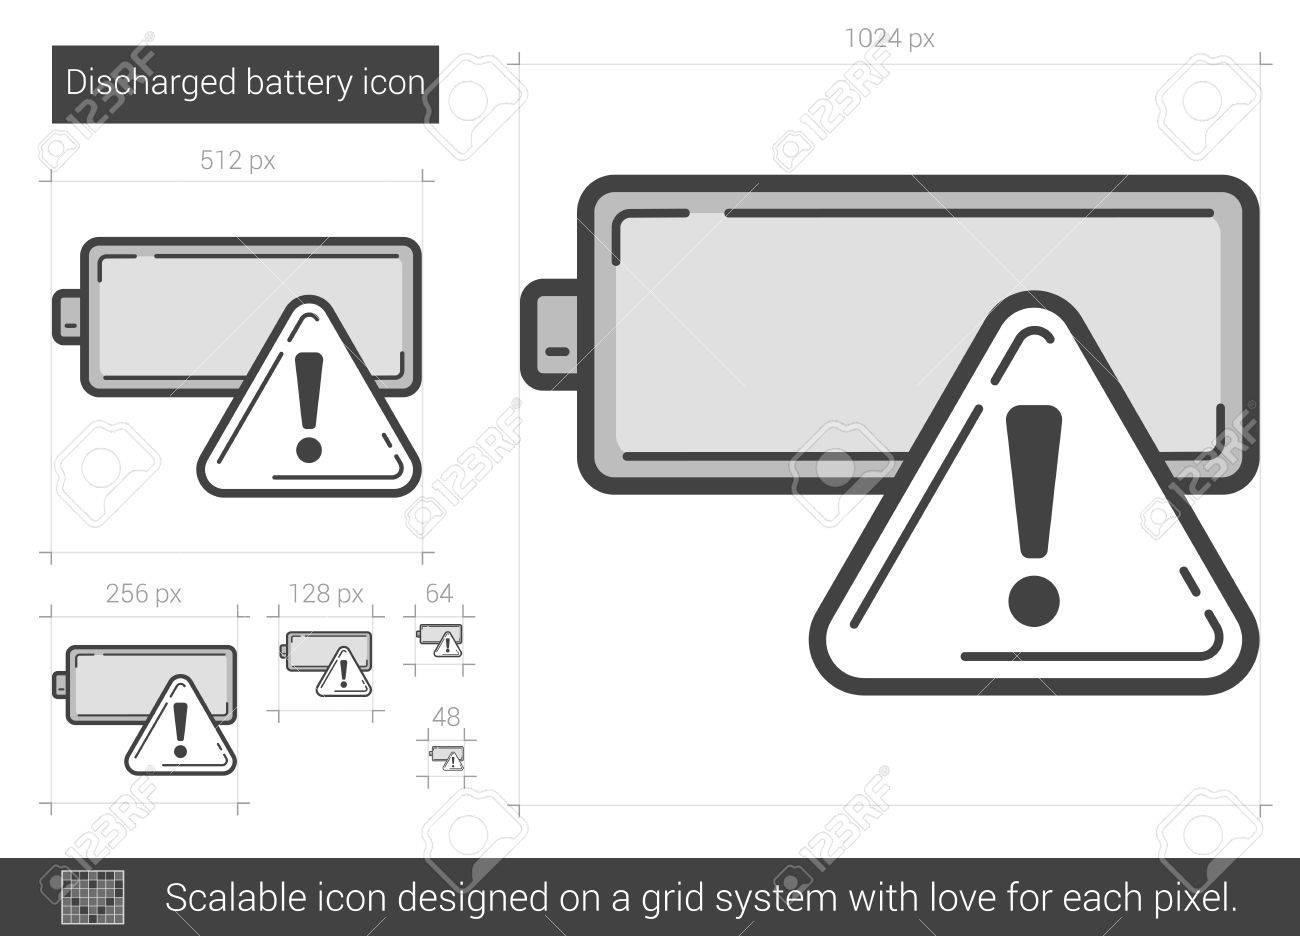 Fantastisch Elektrisches Symbol Für Batterie Ideen - Elektrische ...